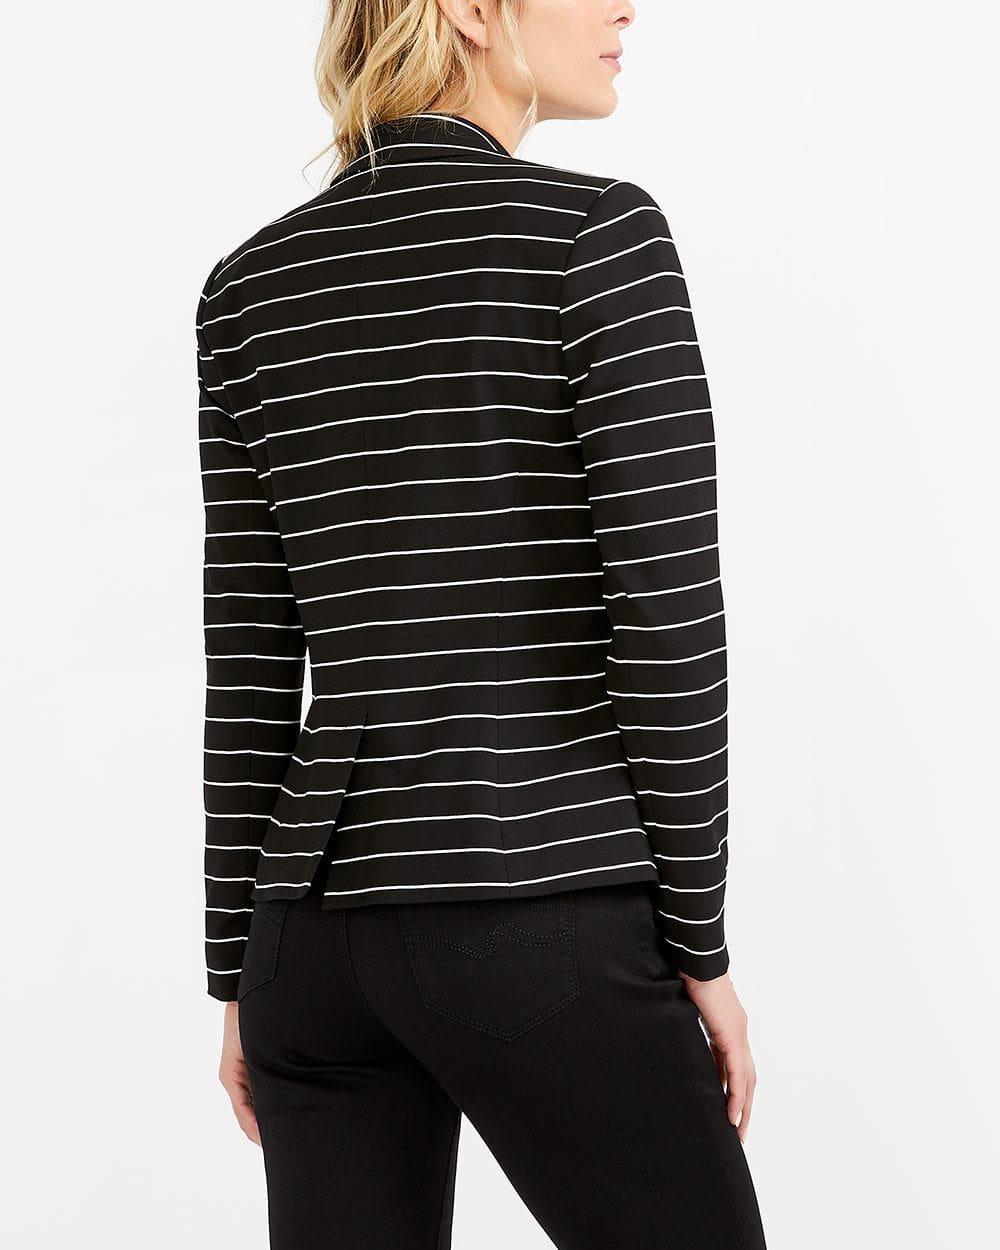 Veston tricoté rayé